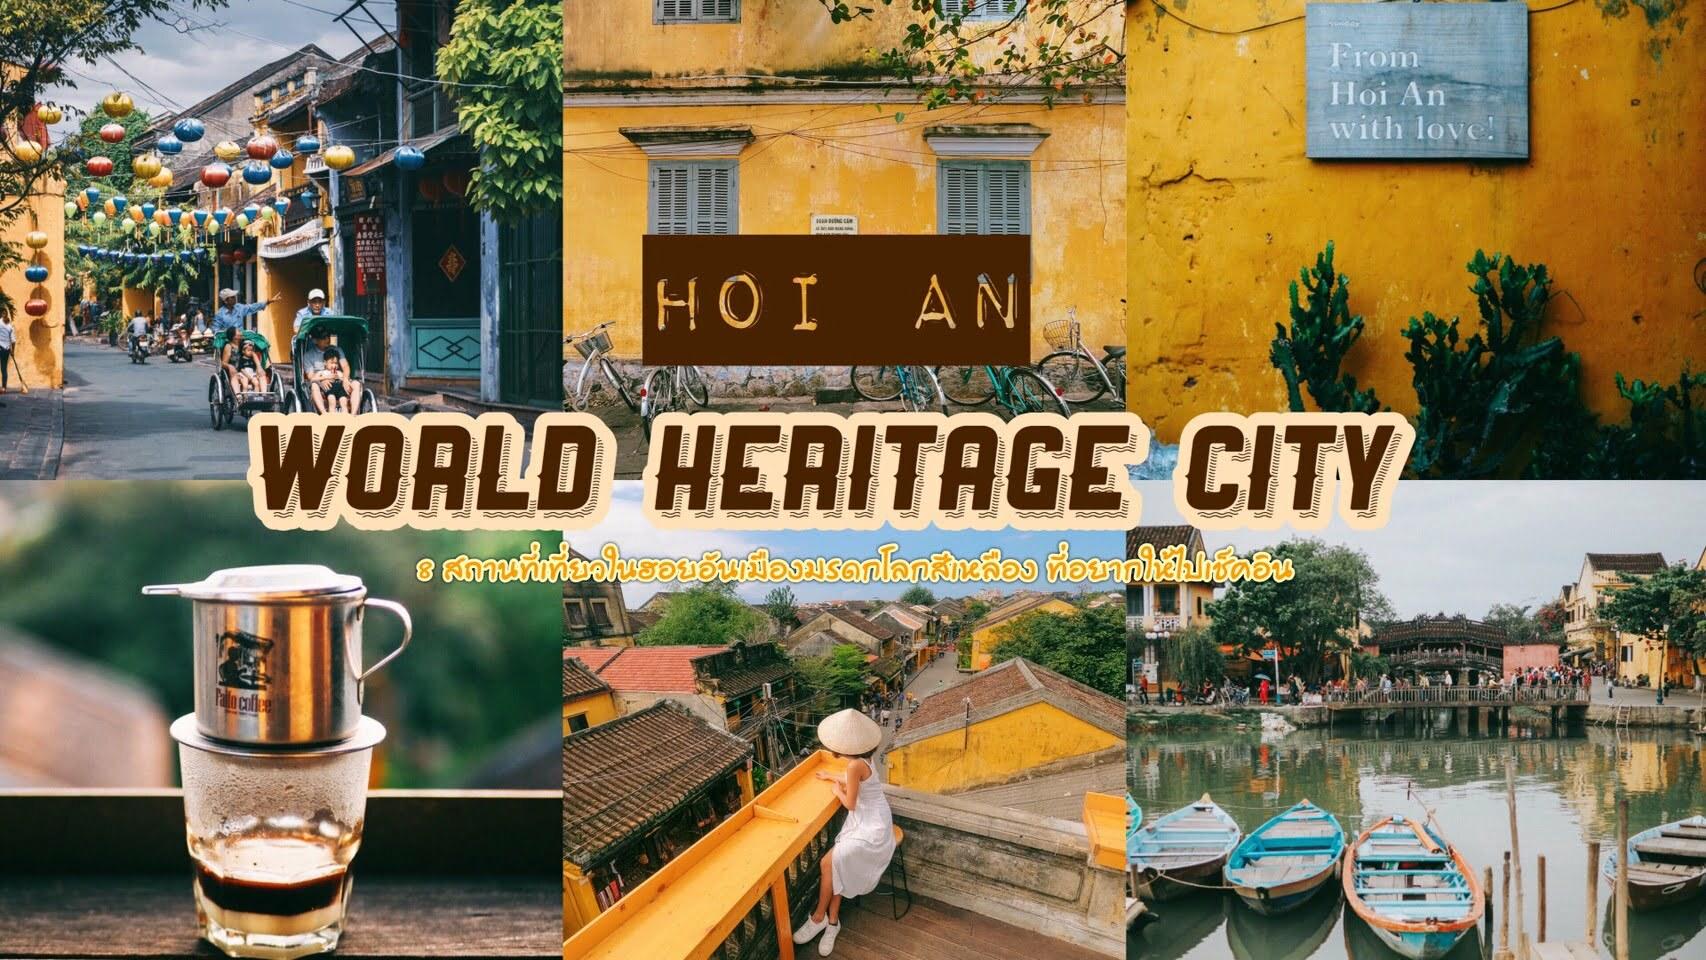 ทัวร์เวียดนาม – เช็คอินเก๋ๆ ถ่ายรูปสวยๆ กับ 8 สถานที่เที่ยวในฮอยอัน ที่ฉันอยากให้เธอไป